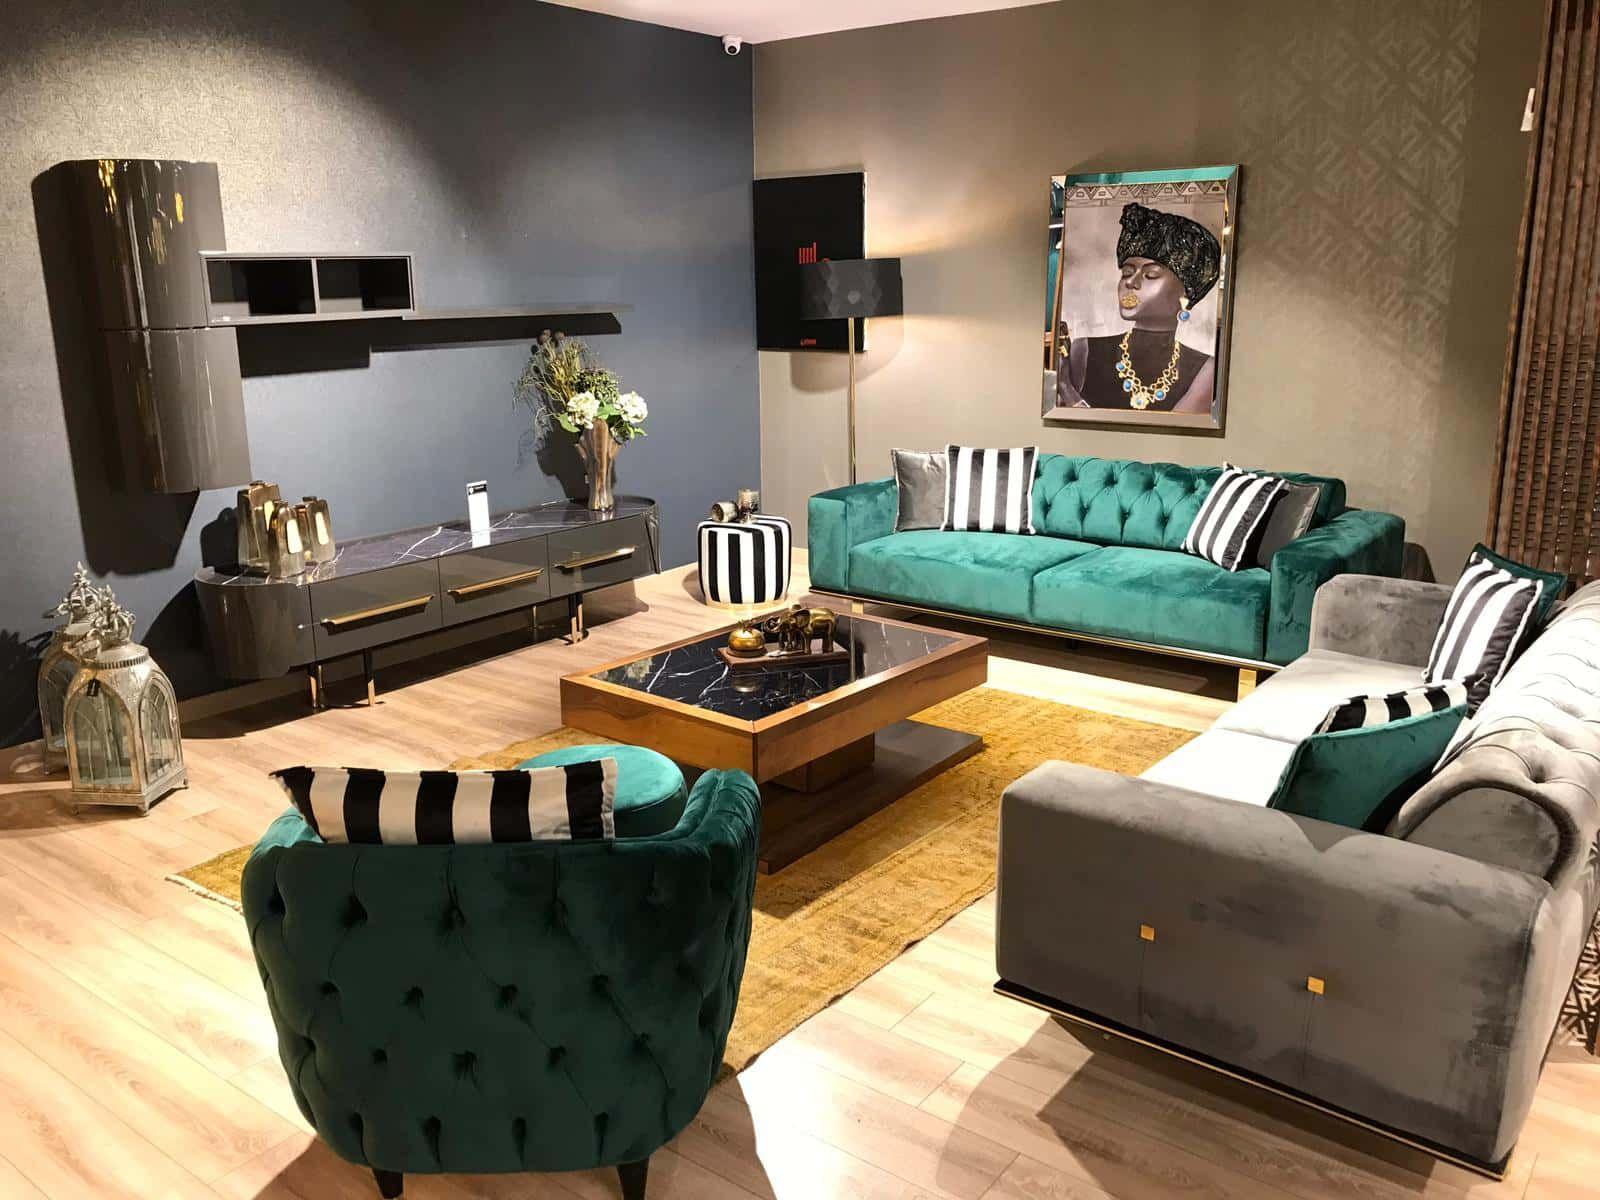 Top 31 Phanomenal Seil Puff Osmanischen Kunst Kamin Zimmer Dekor Ideen Raumgestaltung Bodenkissen